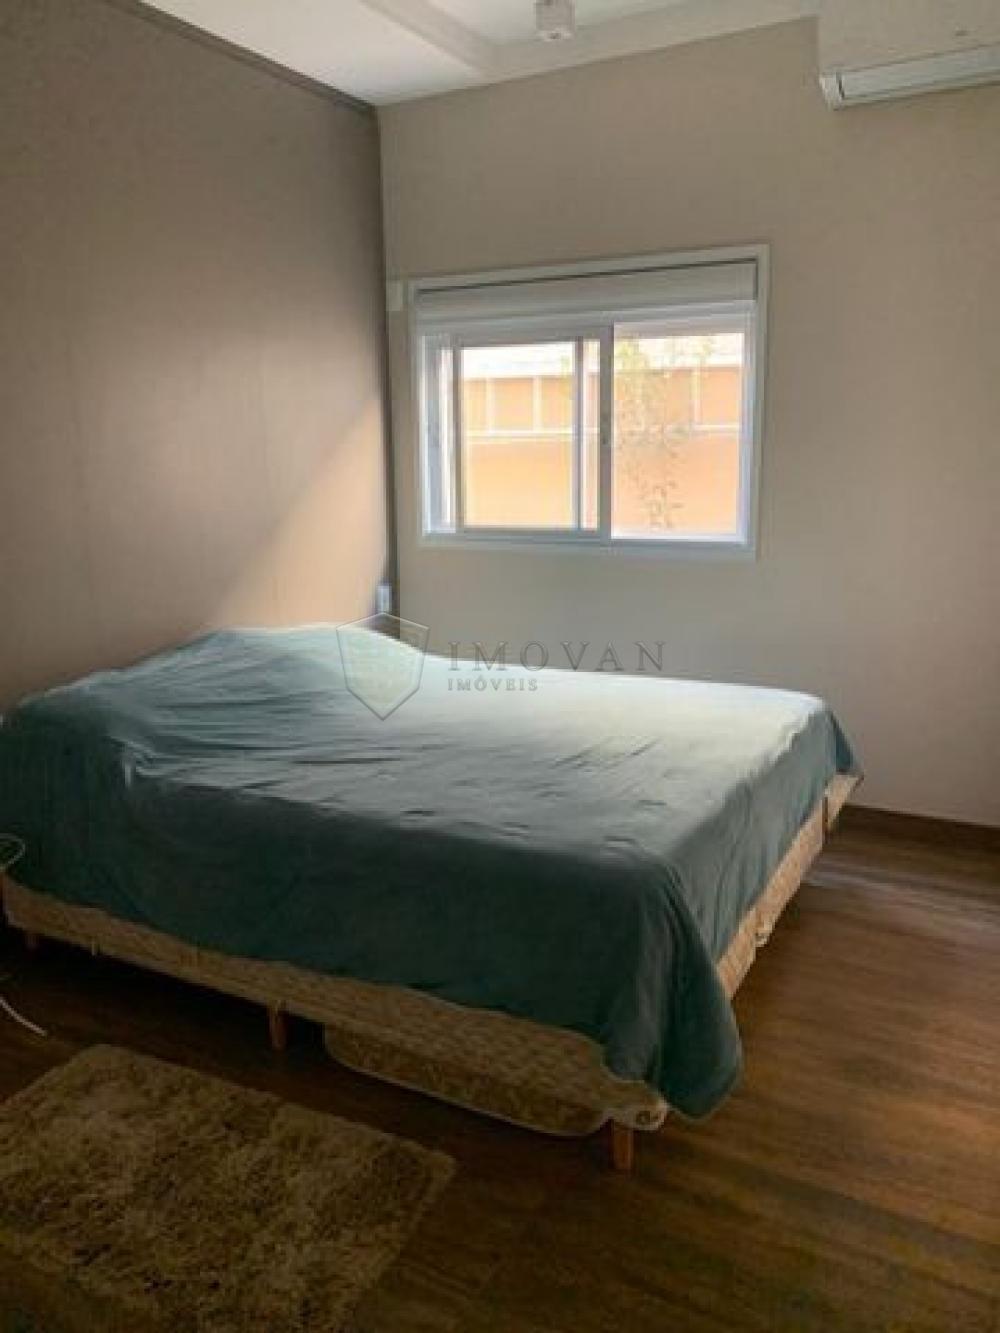 Comprar Casa / Condomínio em Ribeirão Preto R$ 850.000,00 - Foto 8